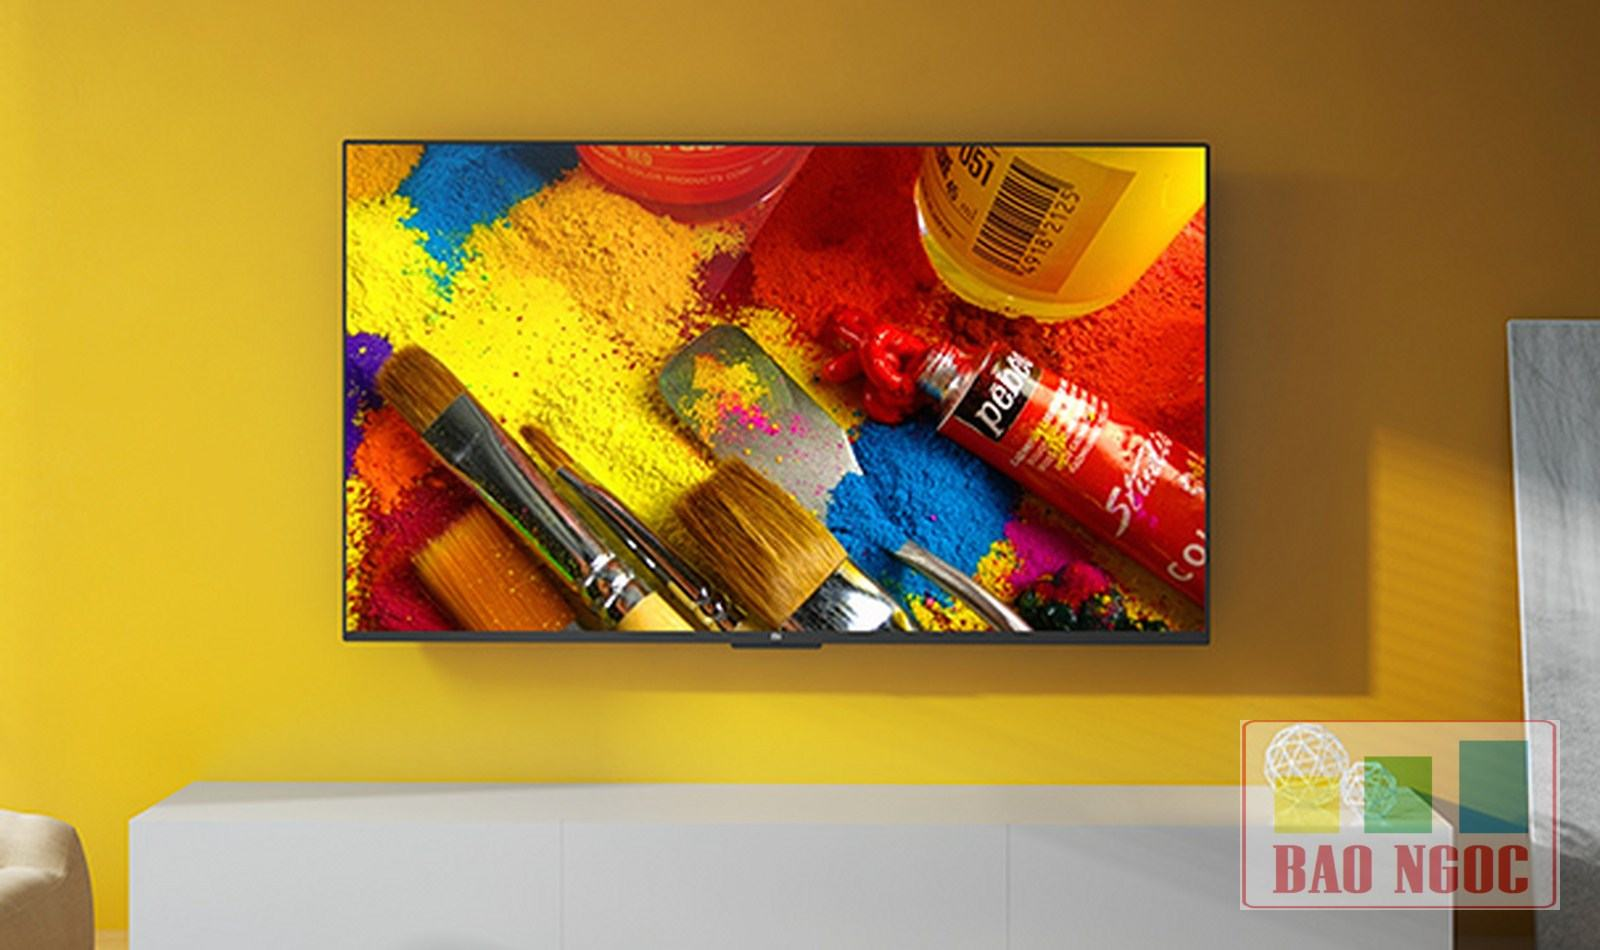 Smart TV Xiaomi 4A 65 inch